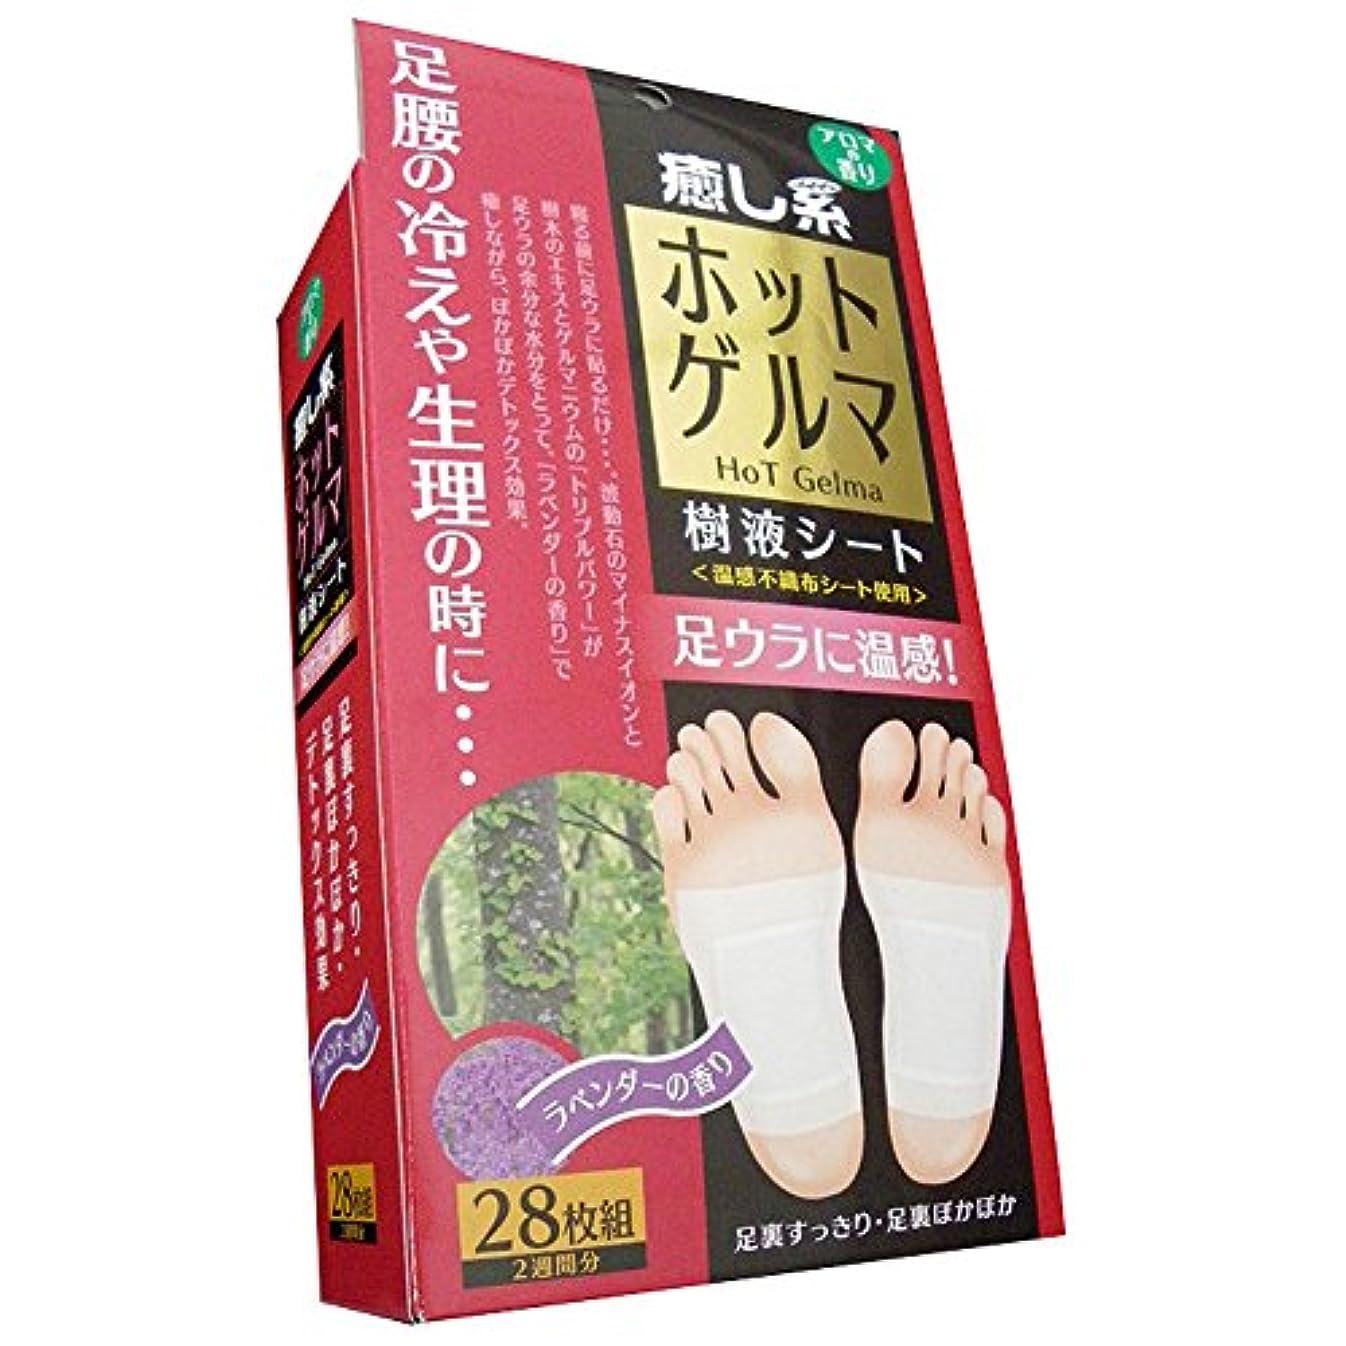 締め切り保持知っているに立ち寄る日本製 HADARIKI ホットゲルマ樹液シート28枚組 2週間分 ラベンダーの香り 足 裏 樹液 シート フット ケア 足ツボ 健康 まとめ買い